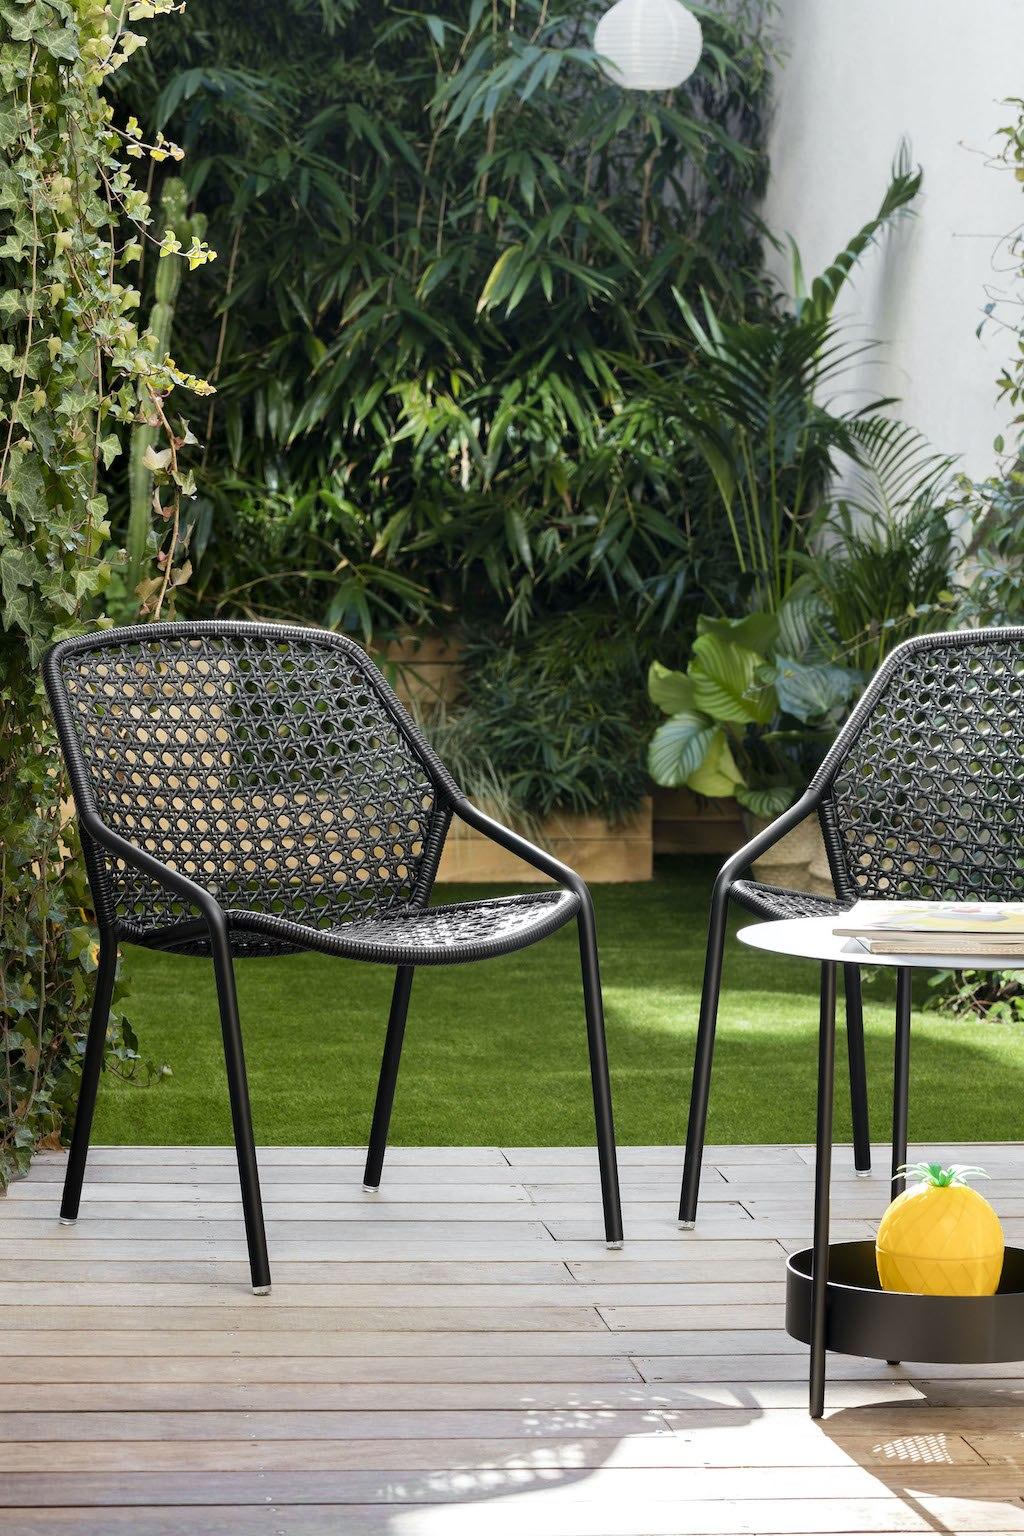 Kleine Gärten: Platzwunder mitten in der Stadt